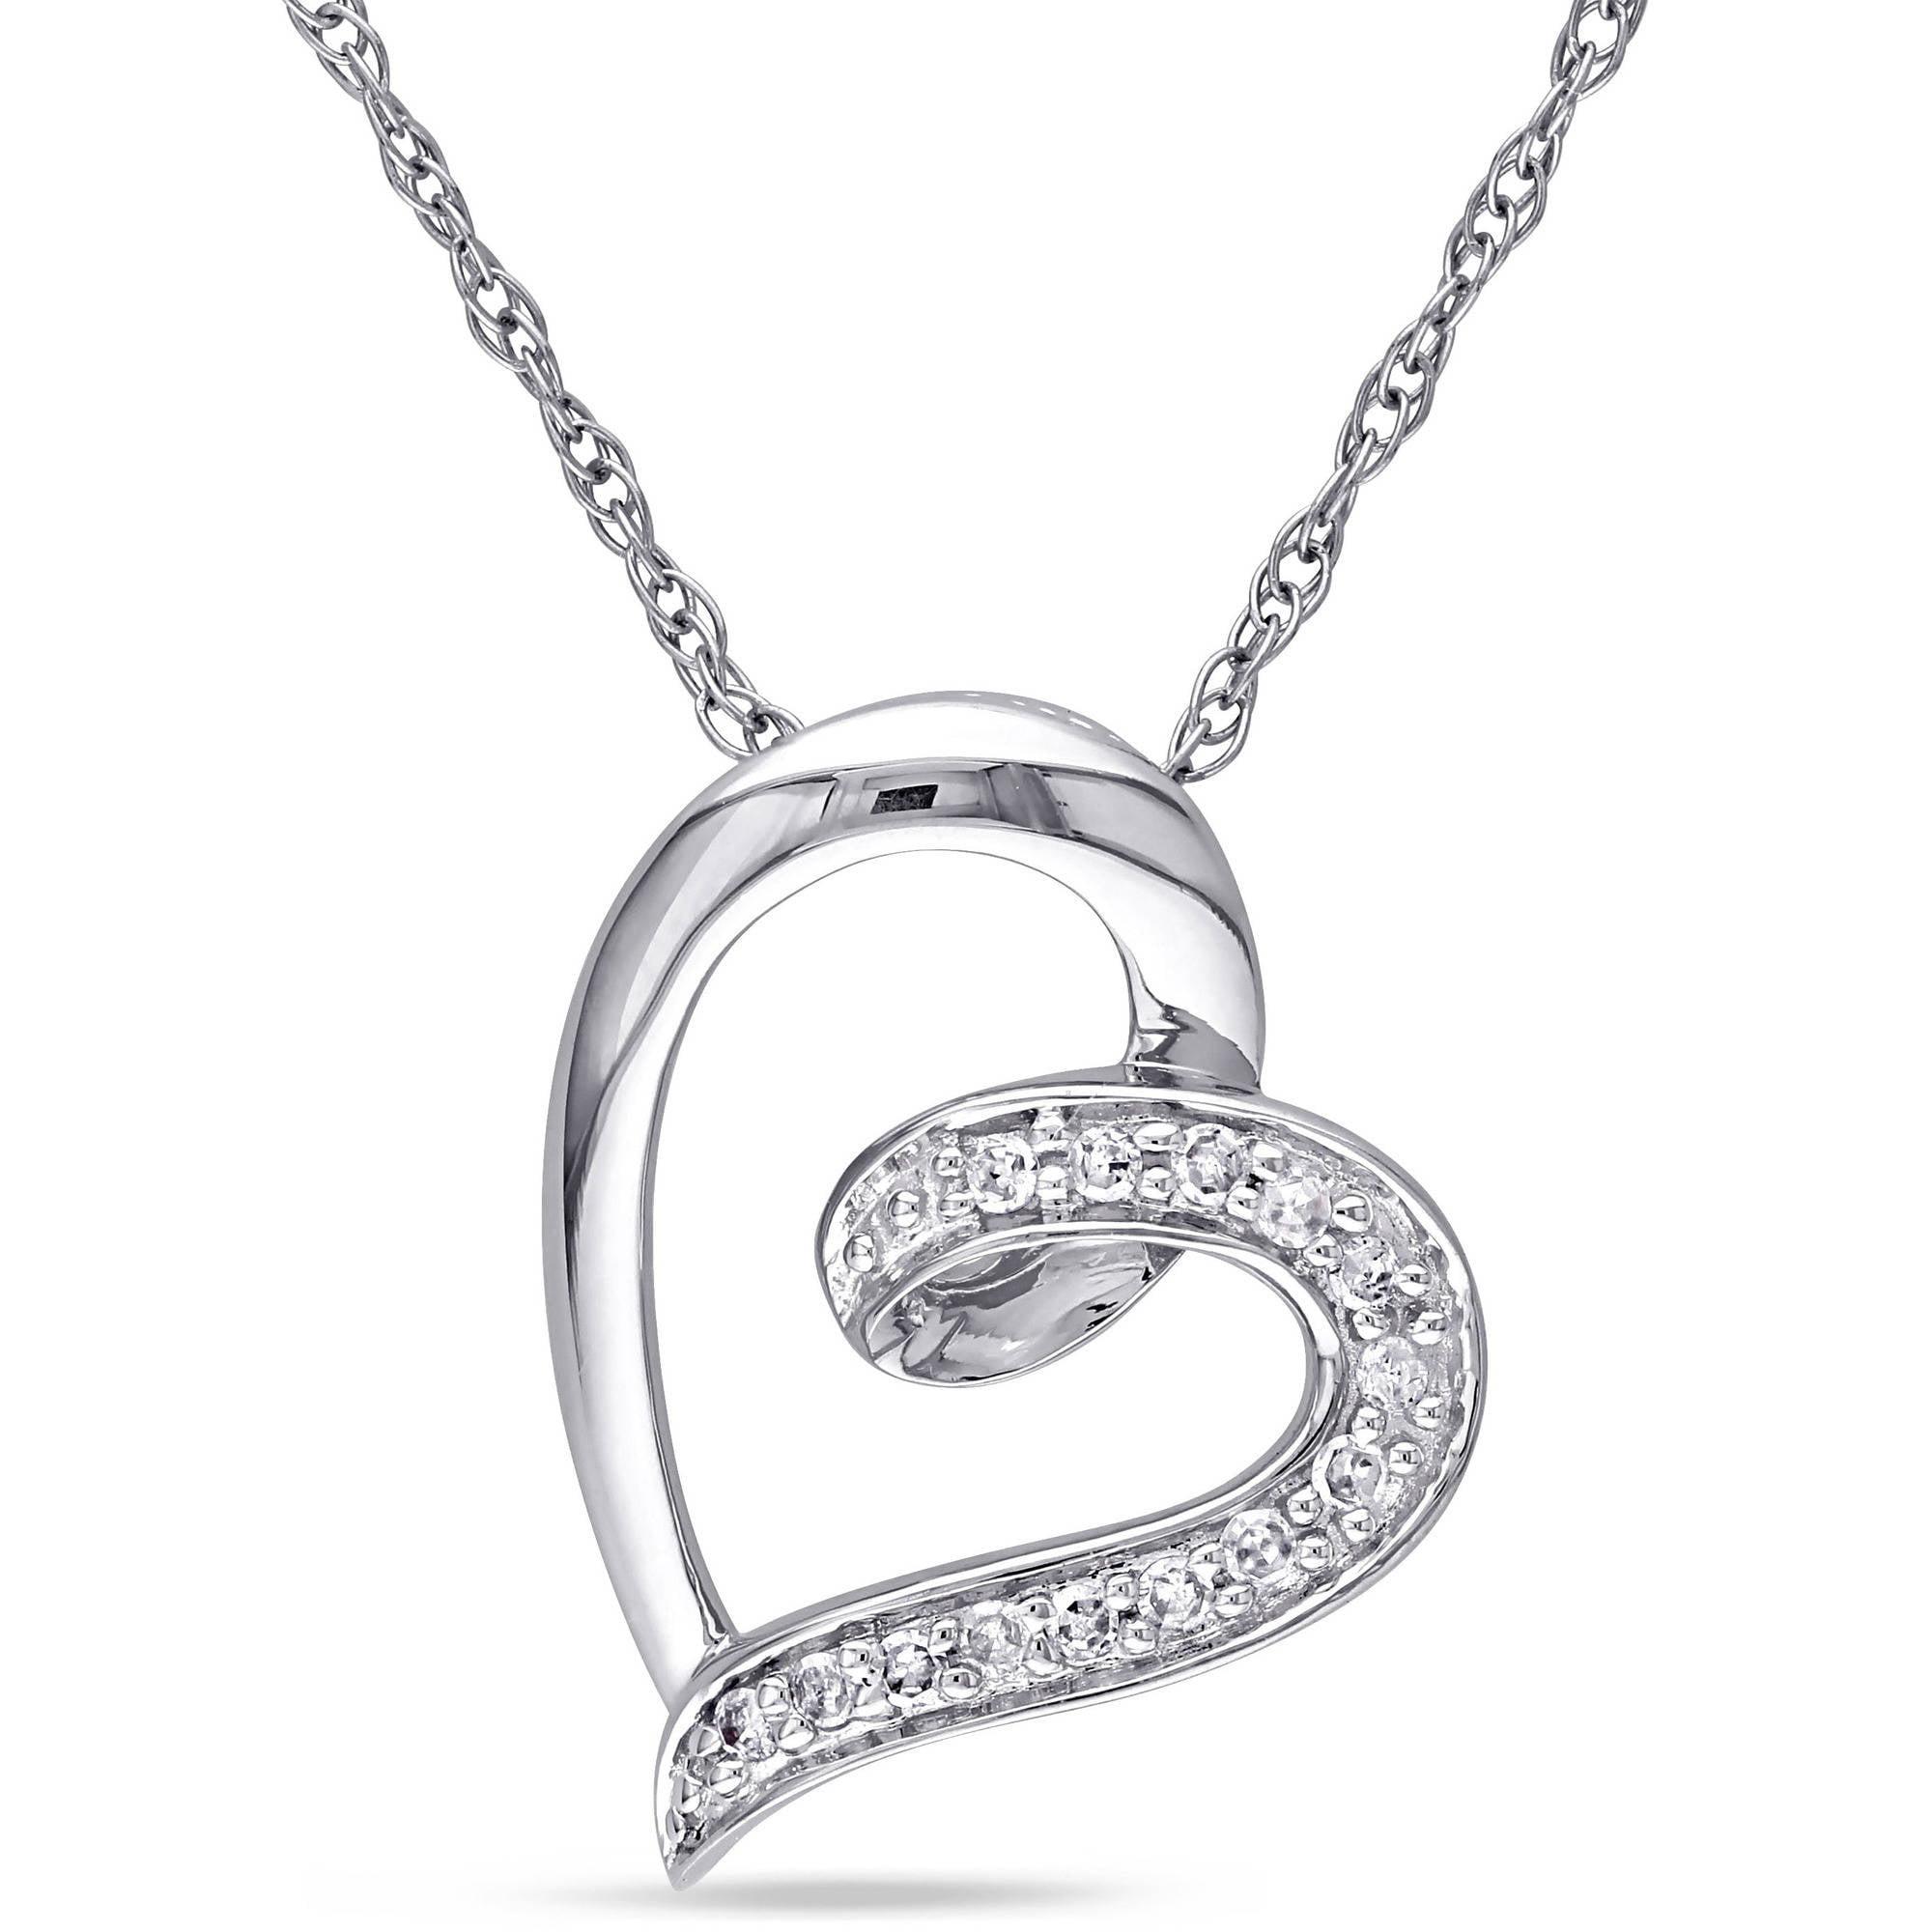 Miabella Diamond Accent 10kt White Gold Heart Pendant, 17